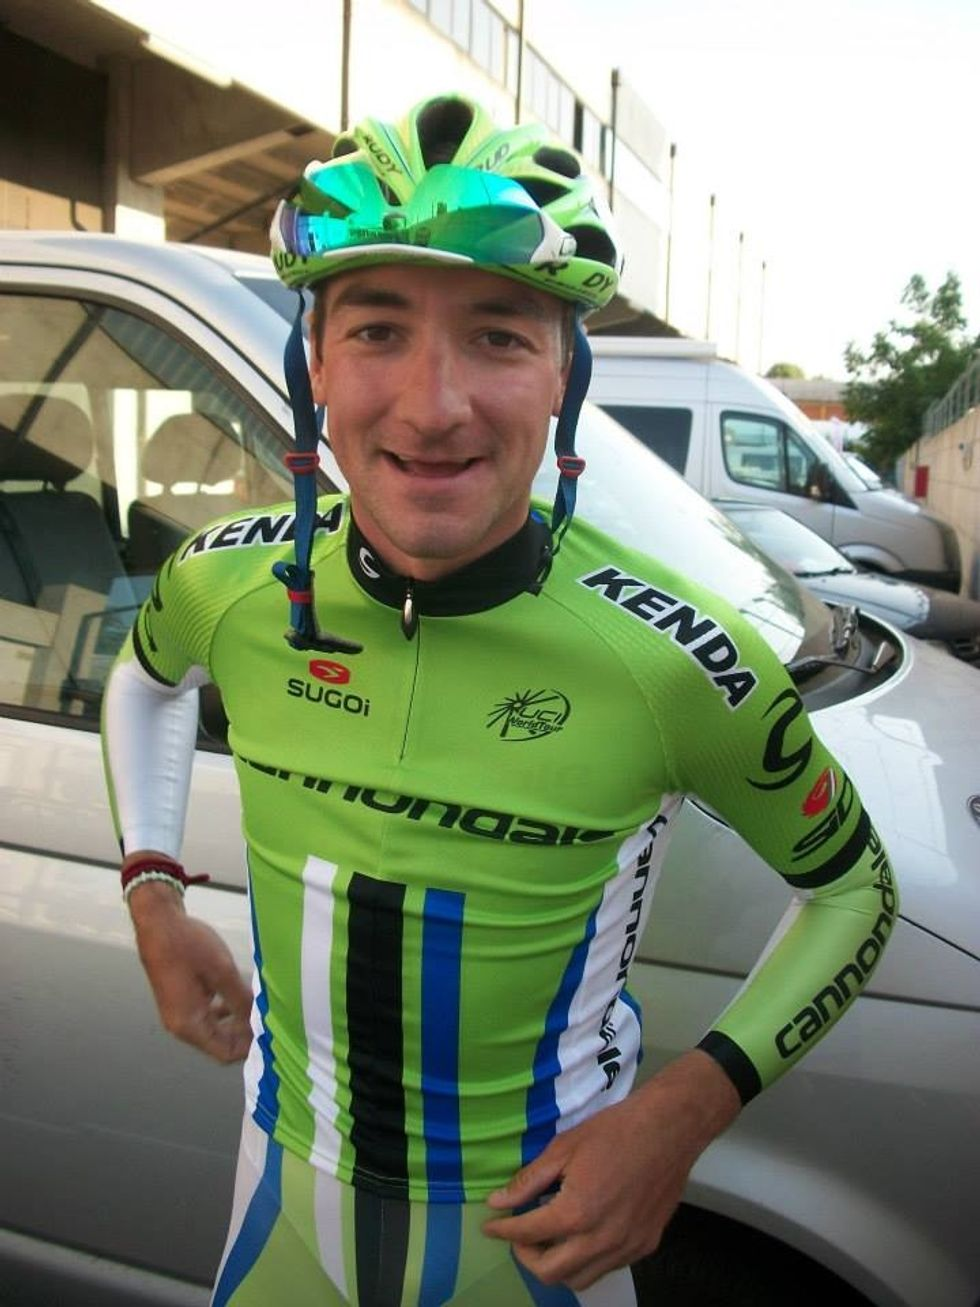 Dopo le emozioni del Giro d'Italia, le sfide future!